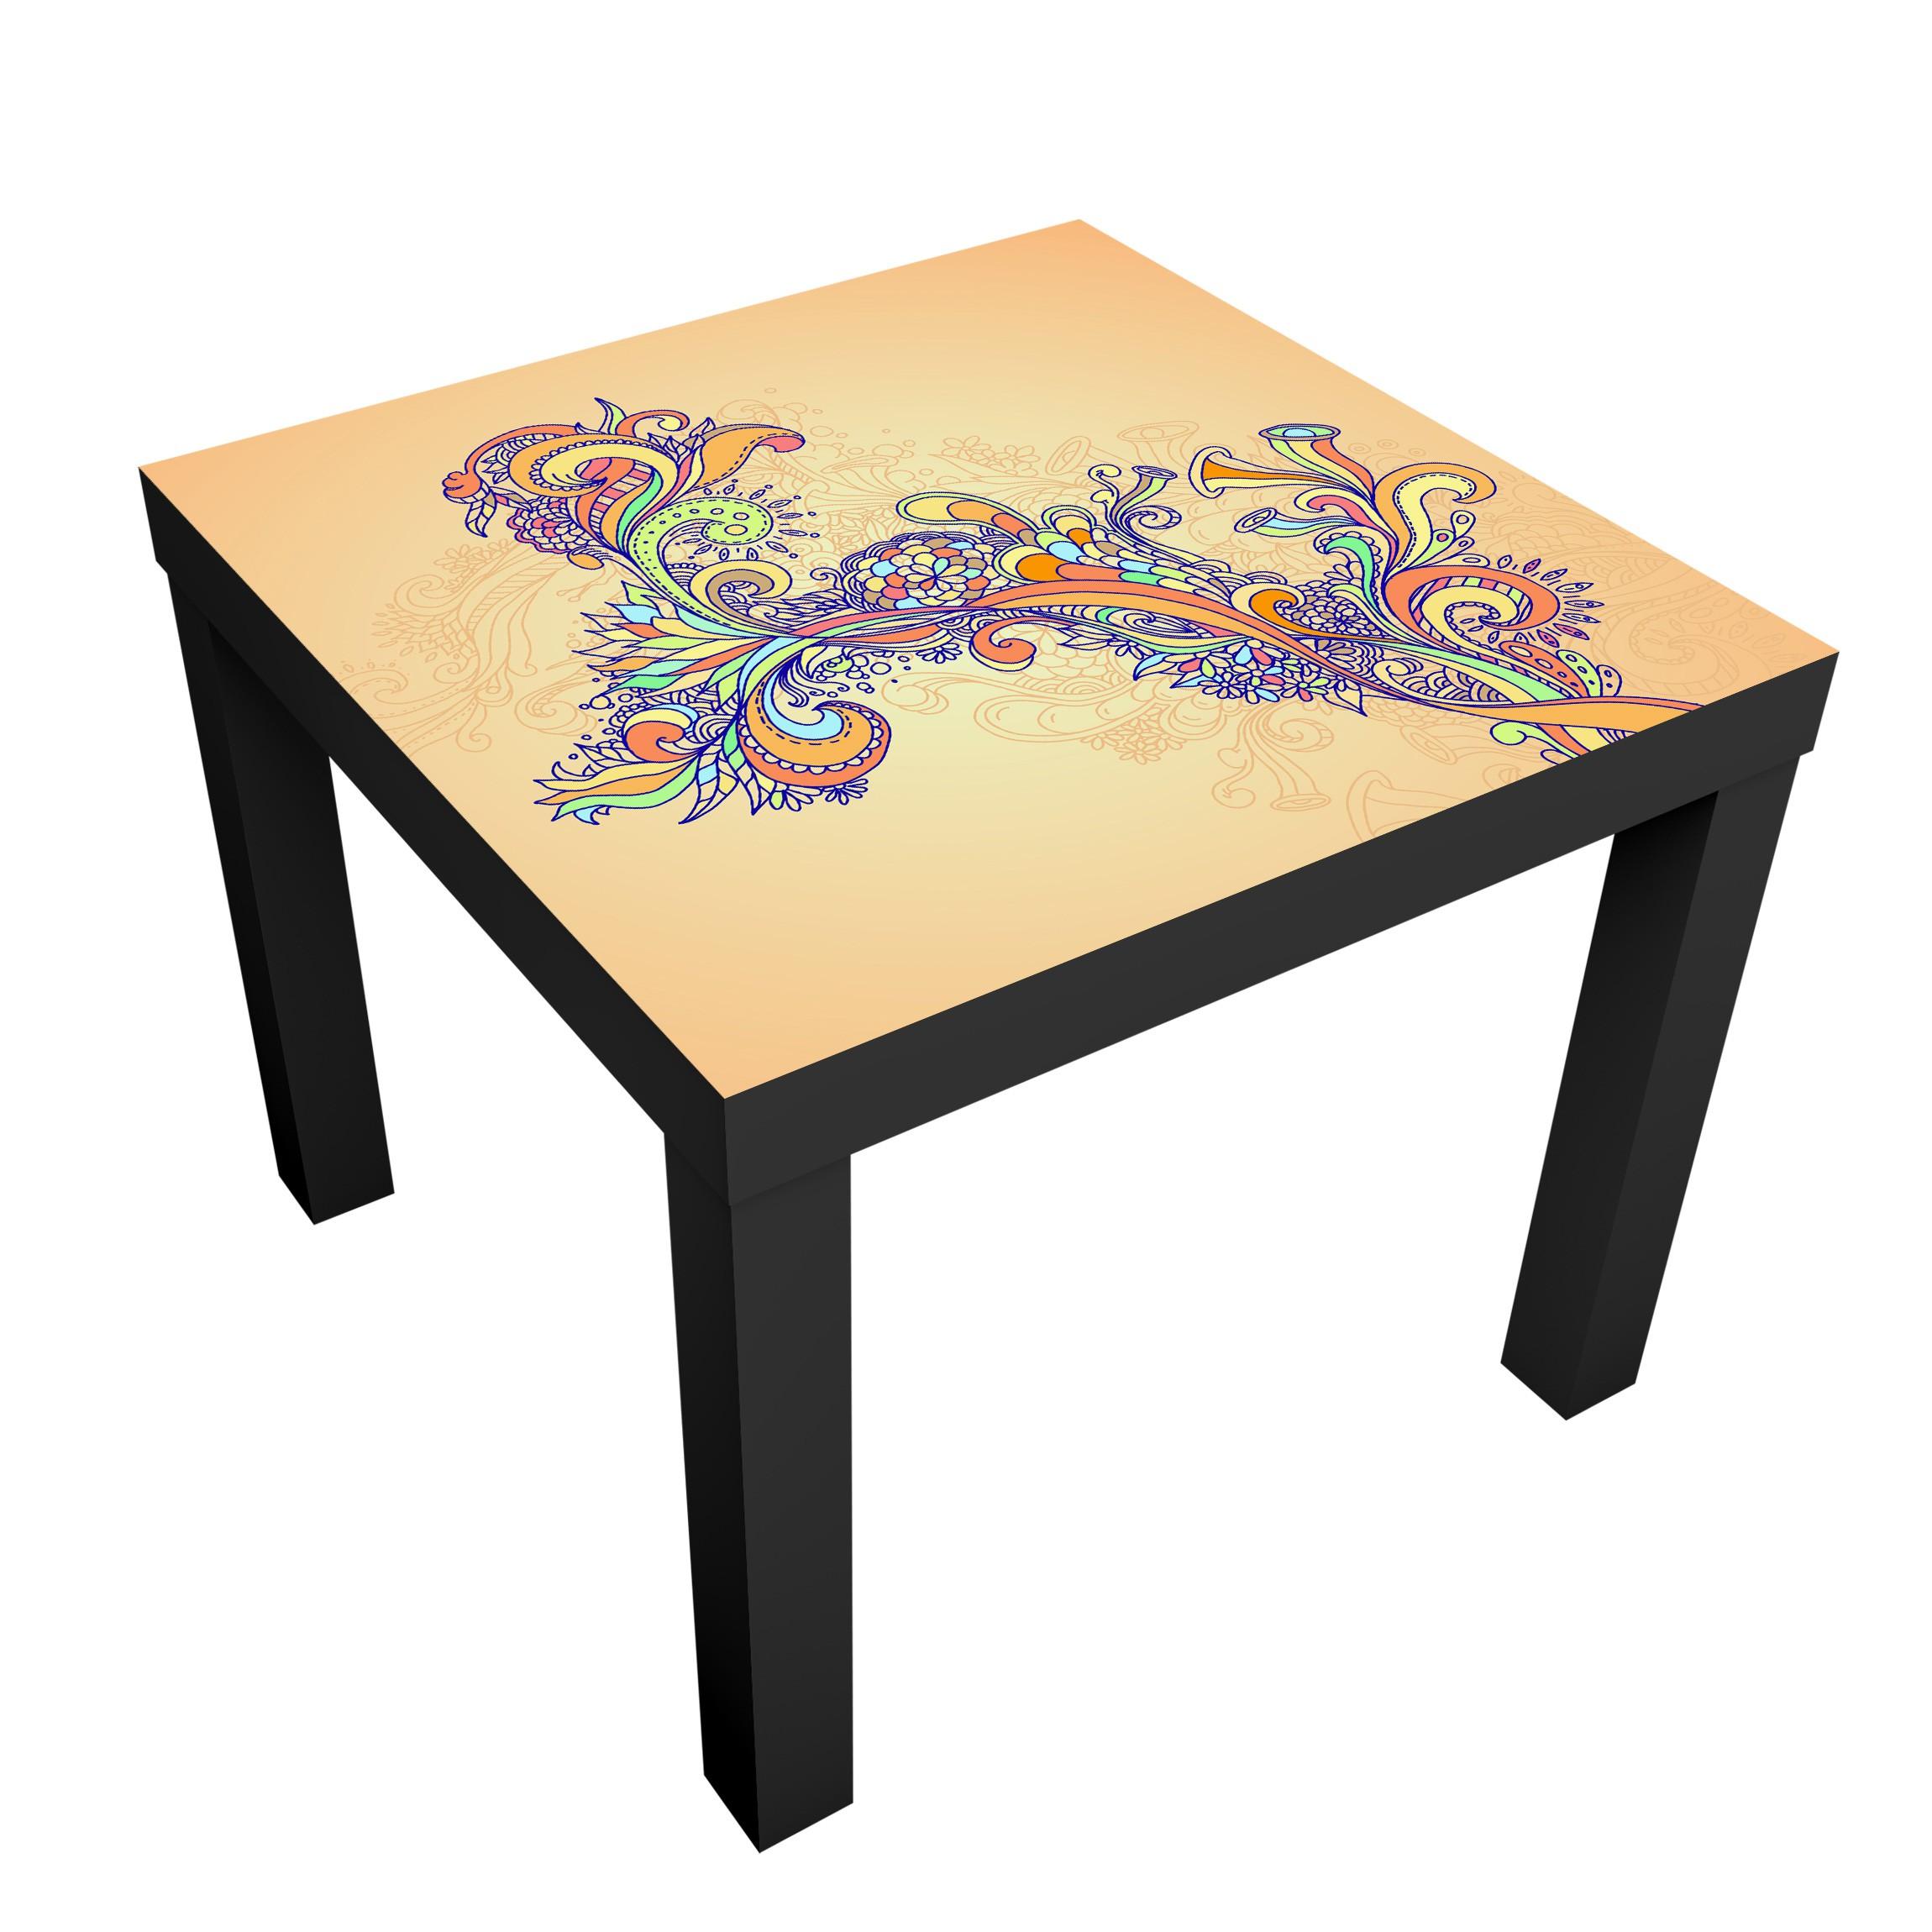 Carta adesiva per mobili ikea lack tavolino summer illustration - Carta adesiva colorata per mobili ...